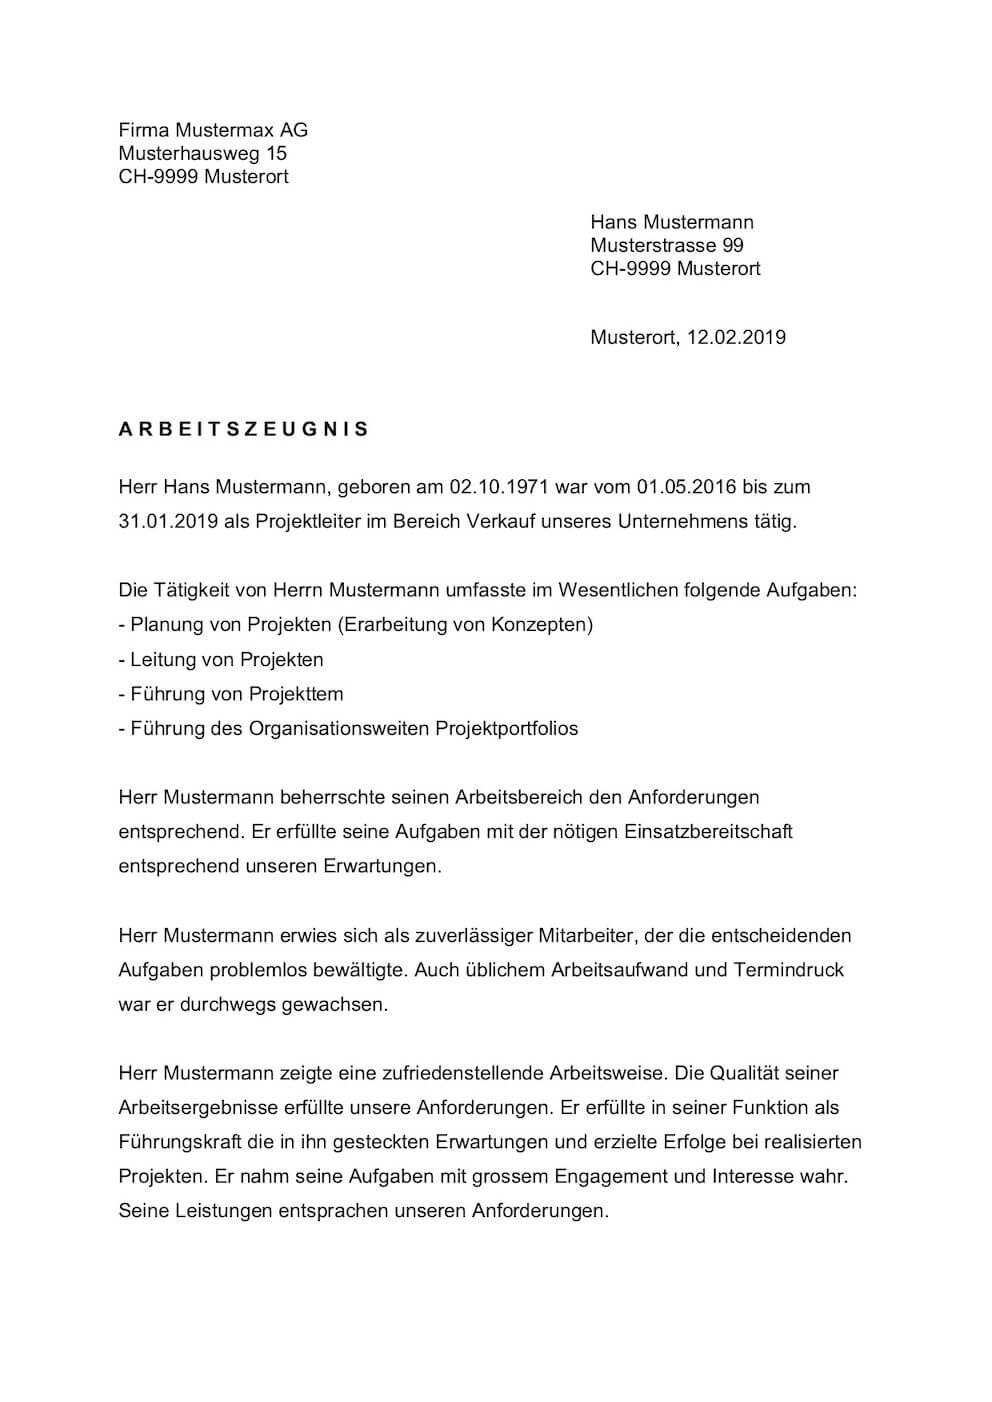 Arbeitszeugnis Vorlage Schweiz